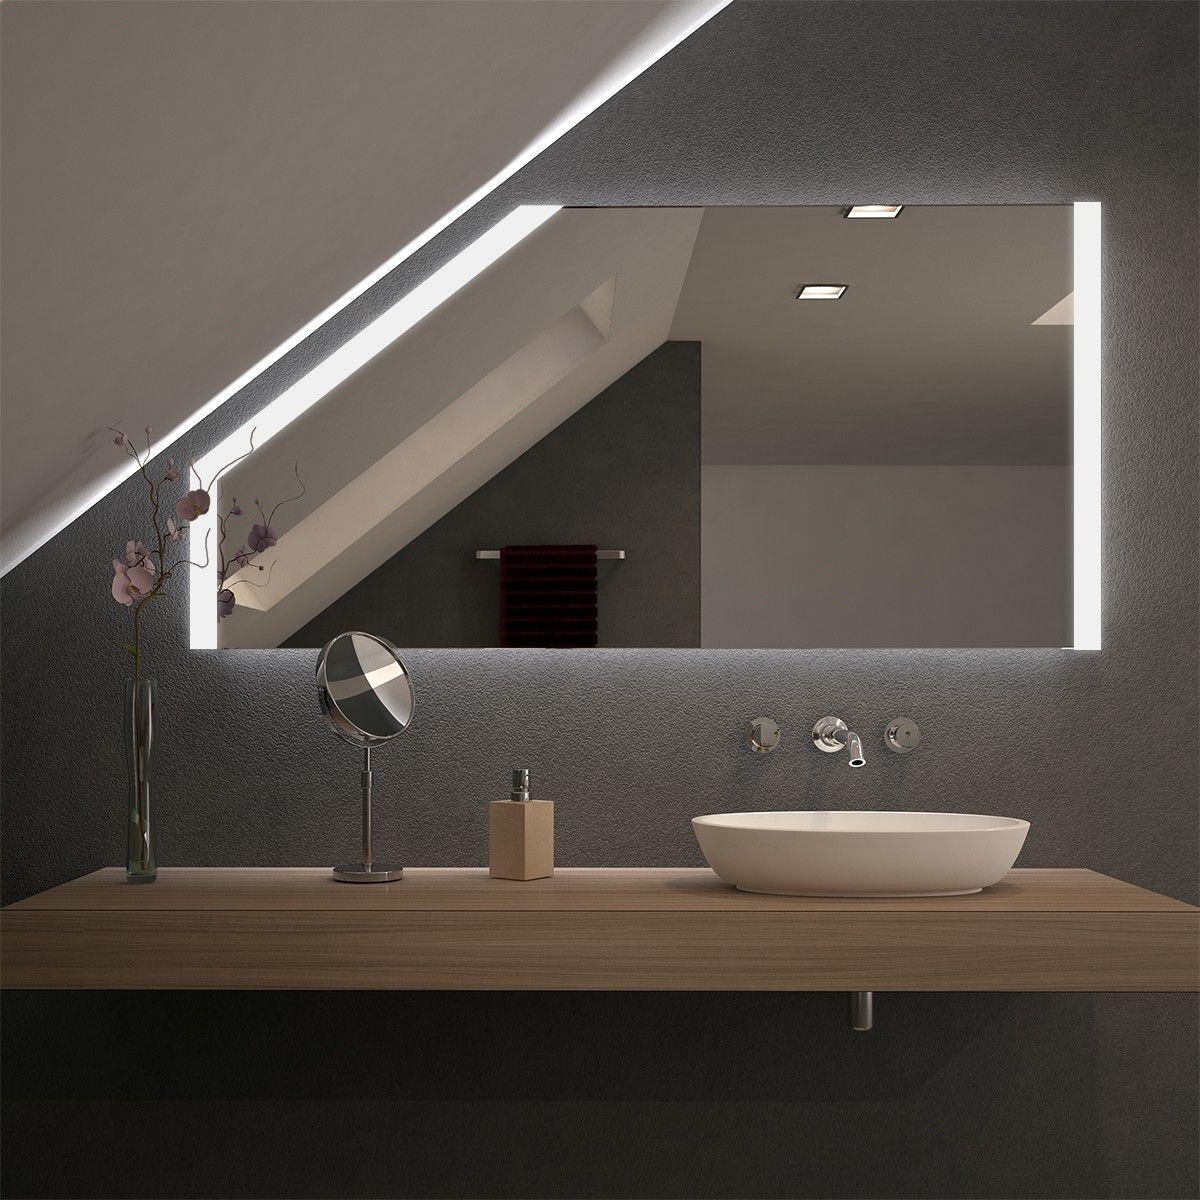 Spiegel Fur Dachschragen Mit Led Beleuchtung Singu Bild 2 Haus